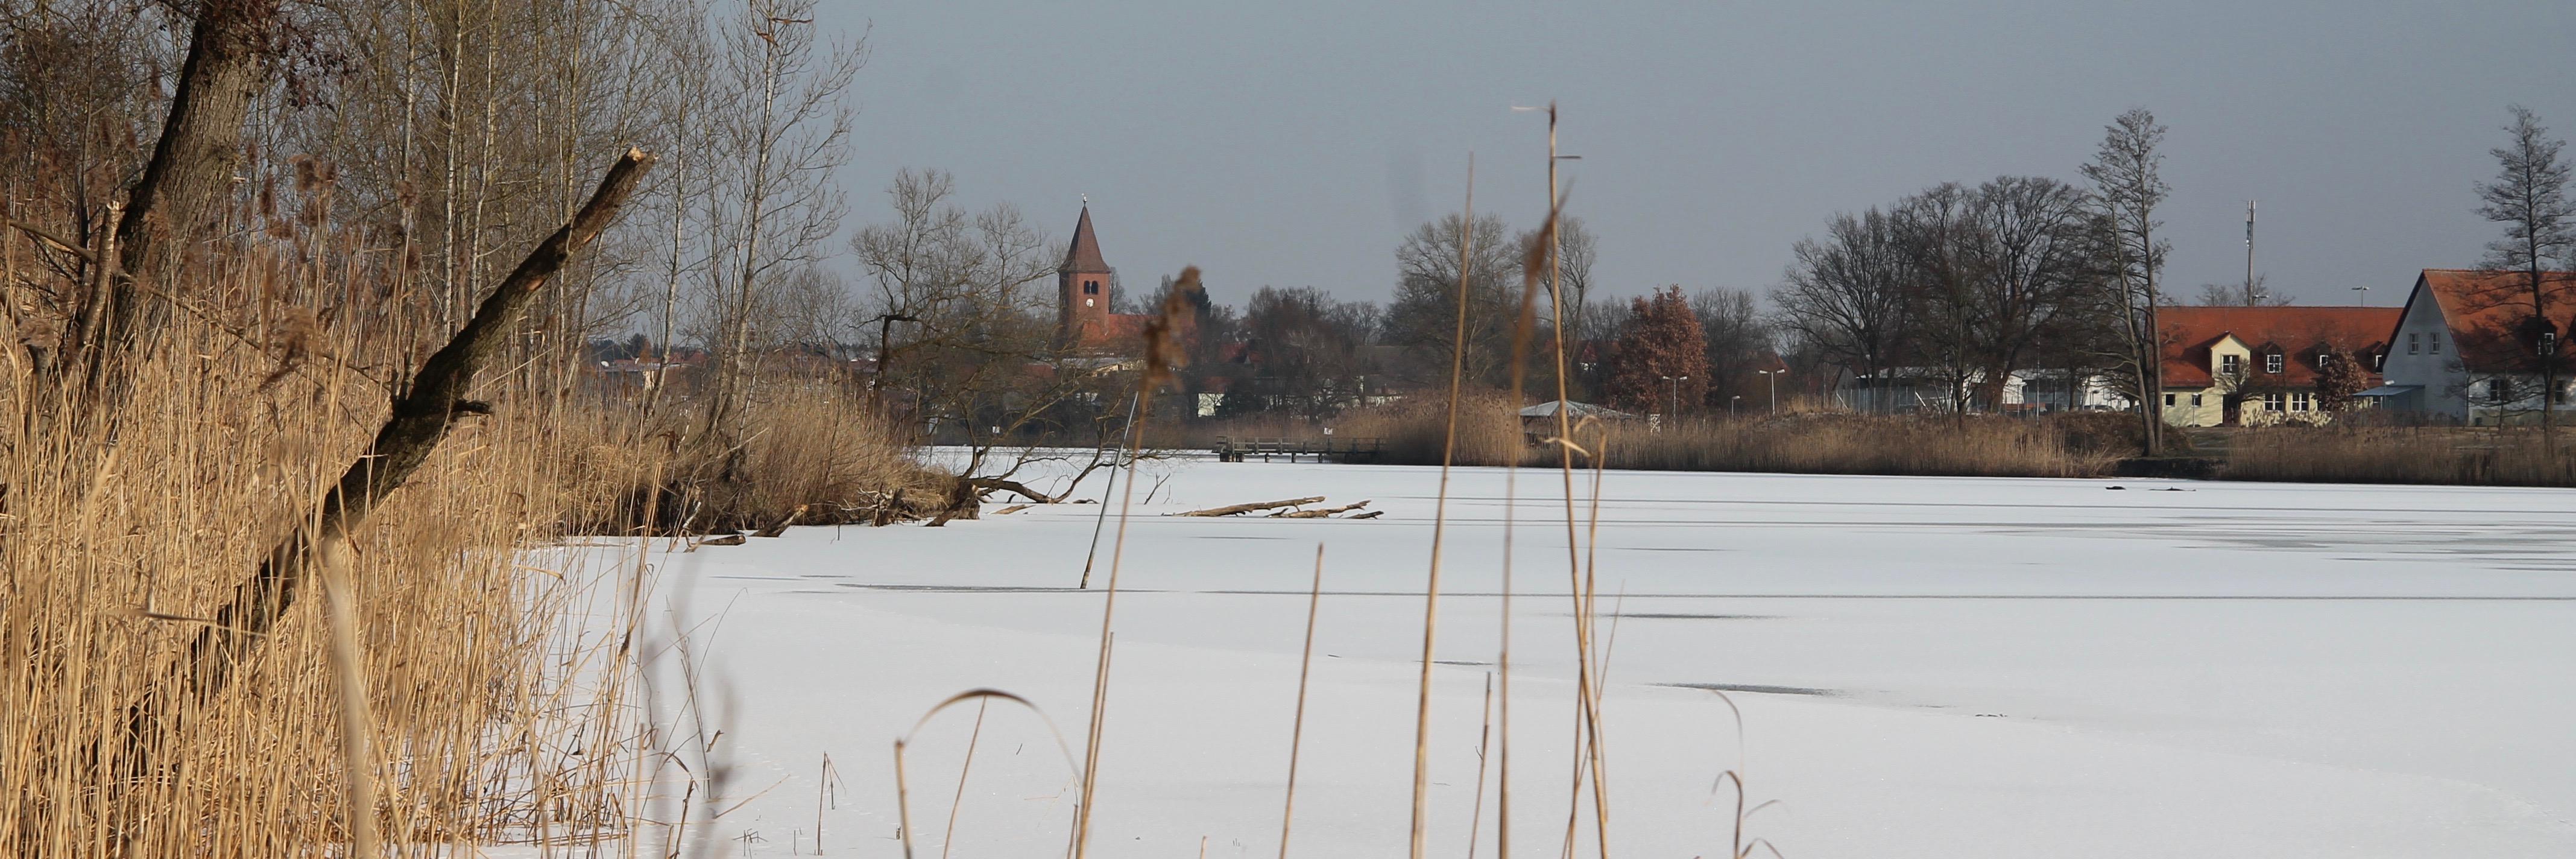 180301 Klietz Winter 19395